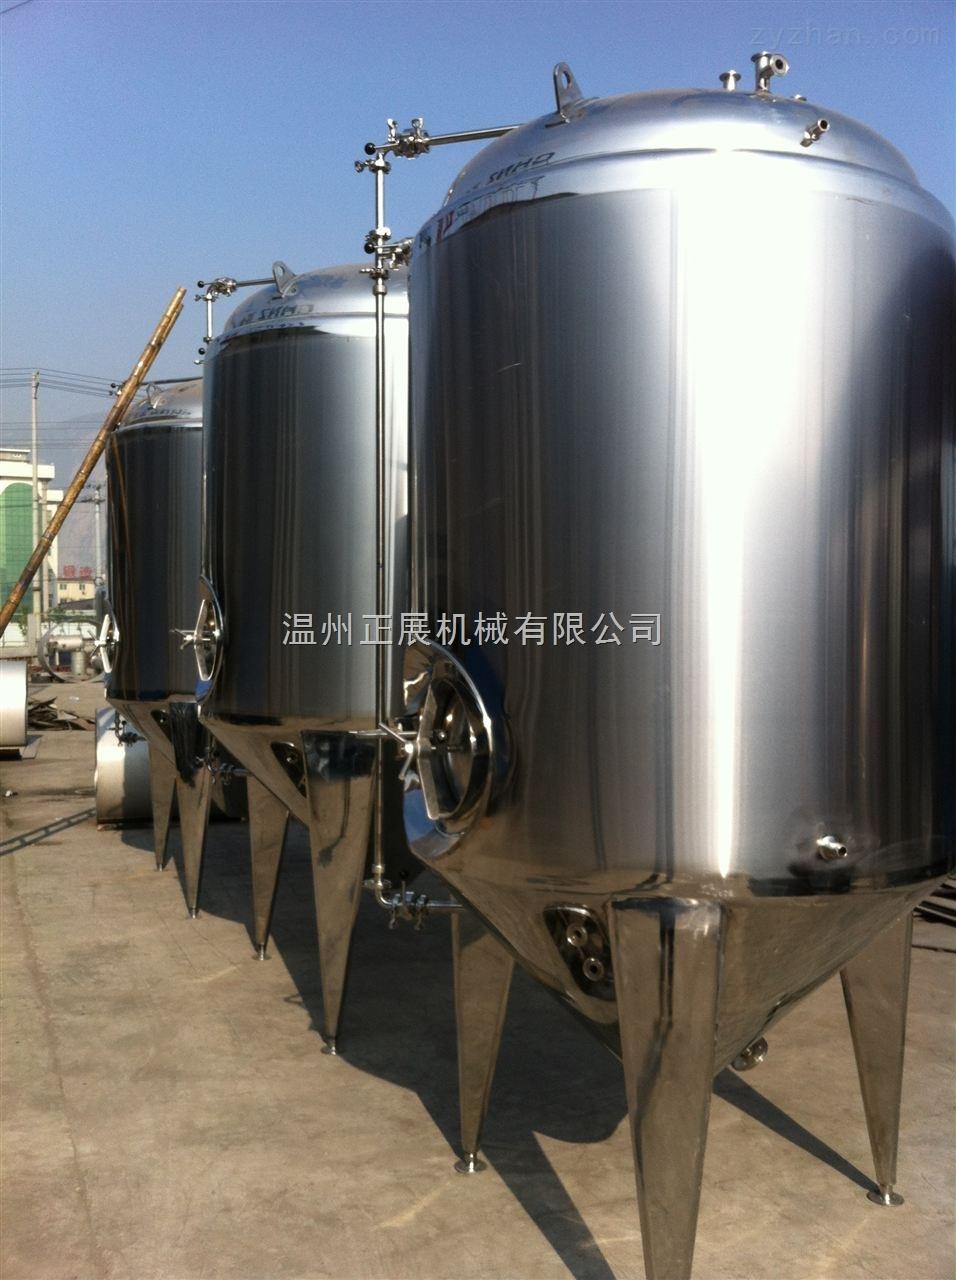 啤酒发酵罐-供求商机-温州正展机械有限公司